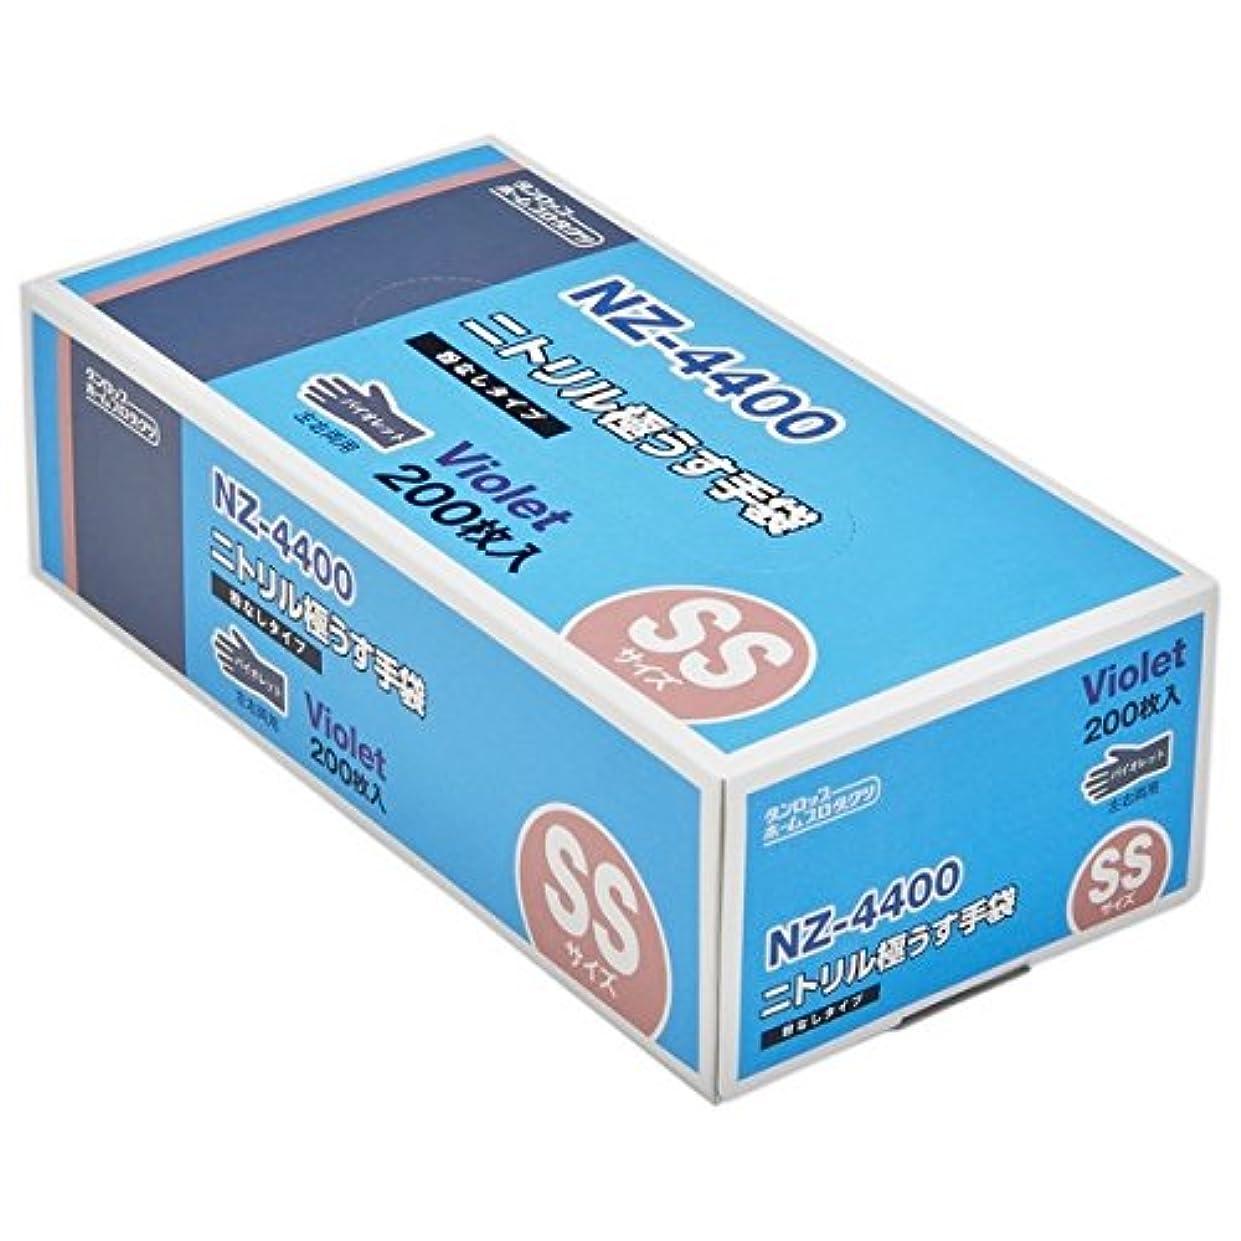 配列チャーミング予防接種ダンロップ ニトリル極うす手袋 NZ-4400 バイオレット 粉なし SSサイズ 200枚入